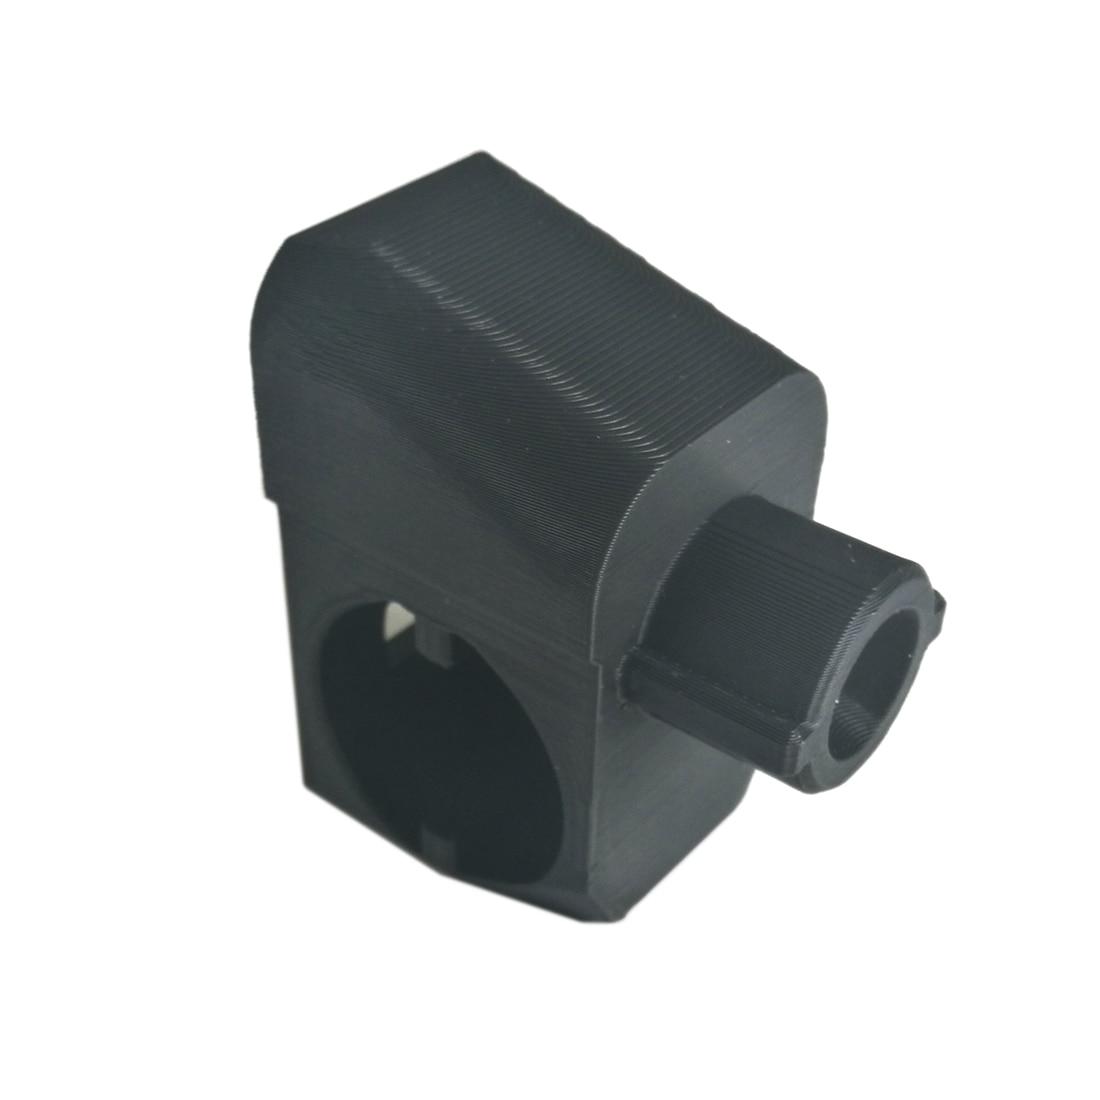 MODIKER PLA  DK Buffer Tube Adapter For Ump45 Receiver FOR JM Gen.9 / FOR AEG Rear Buffer Tube - Black